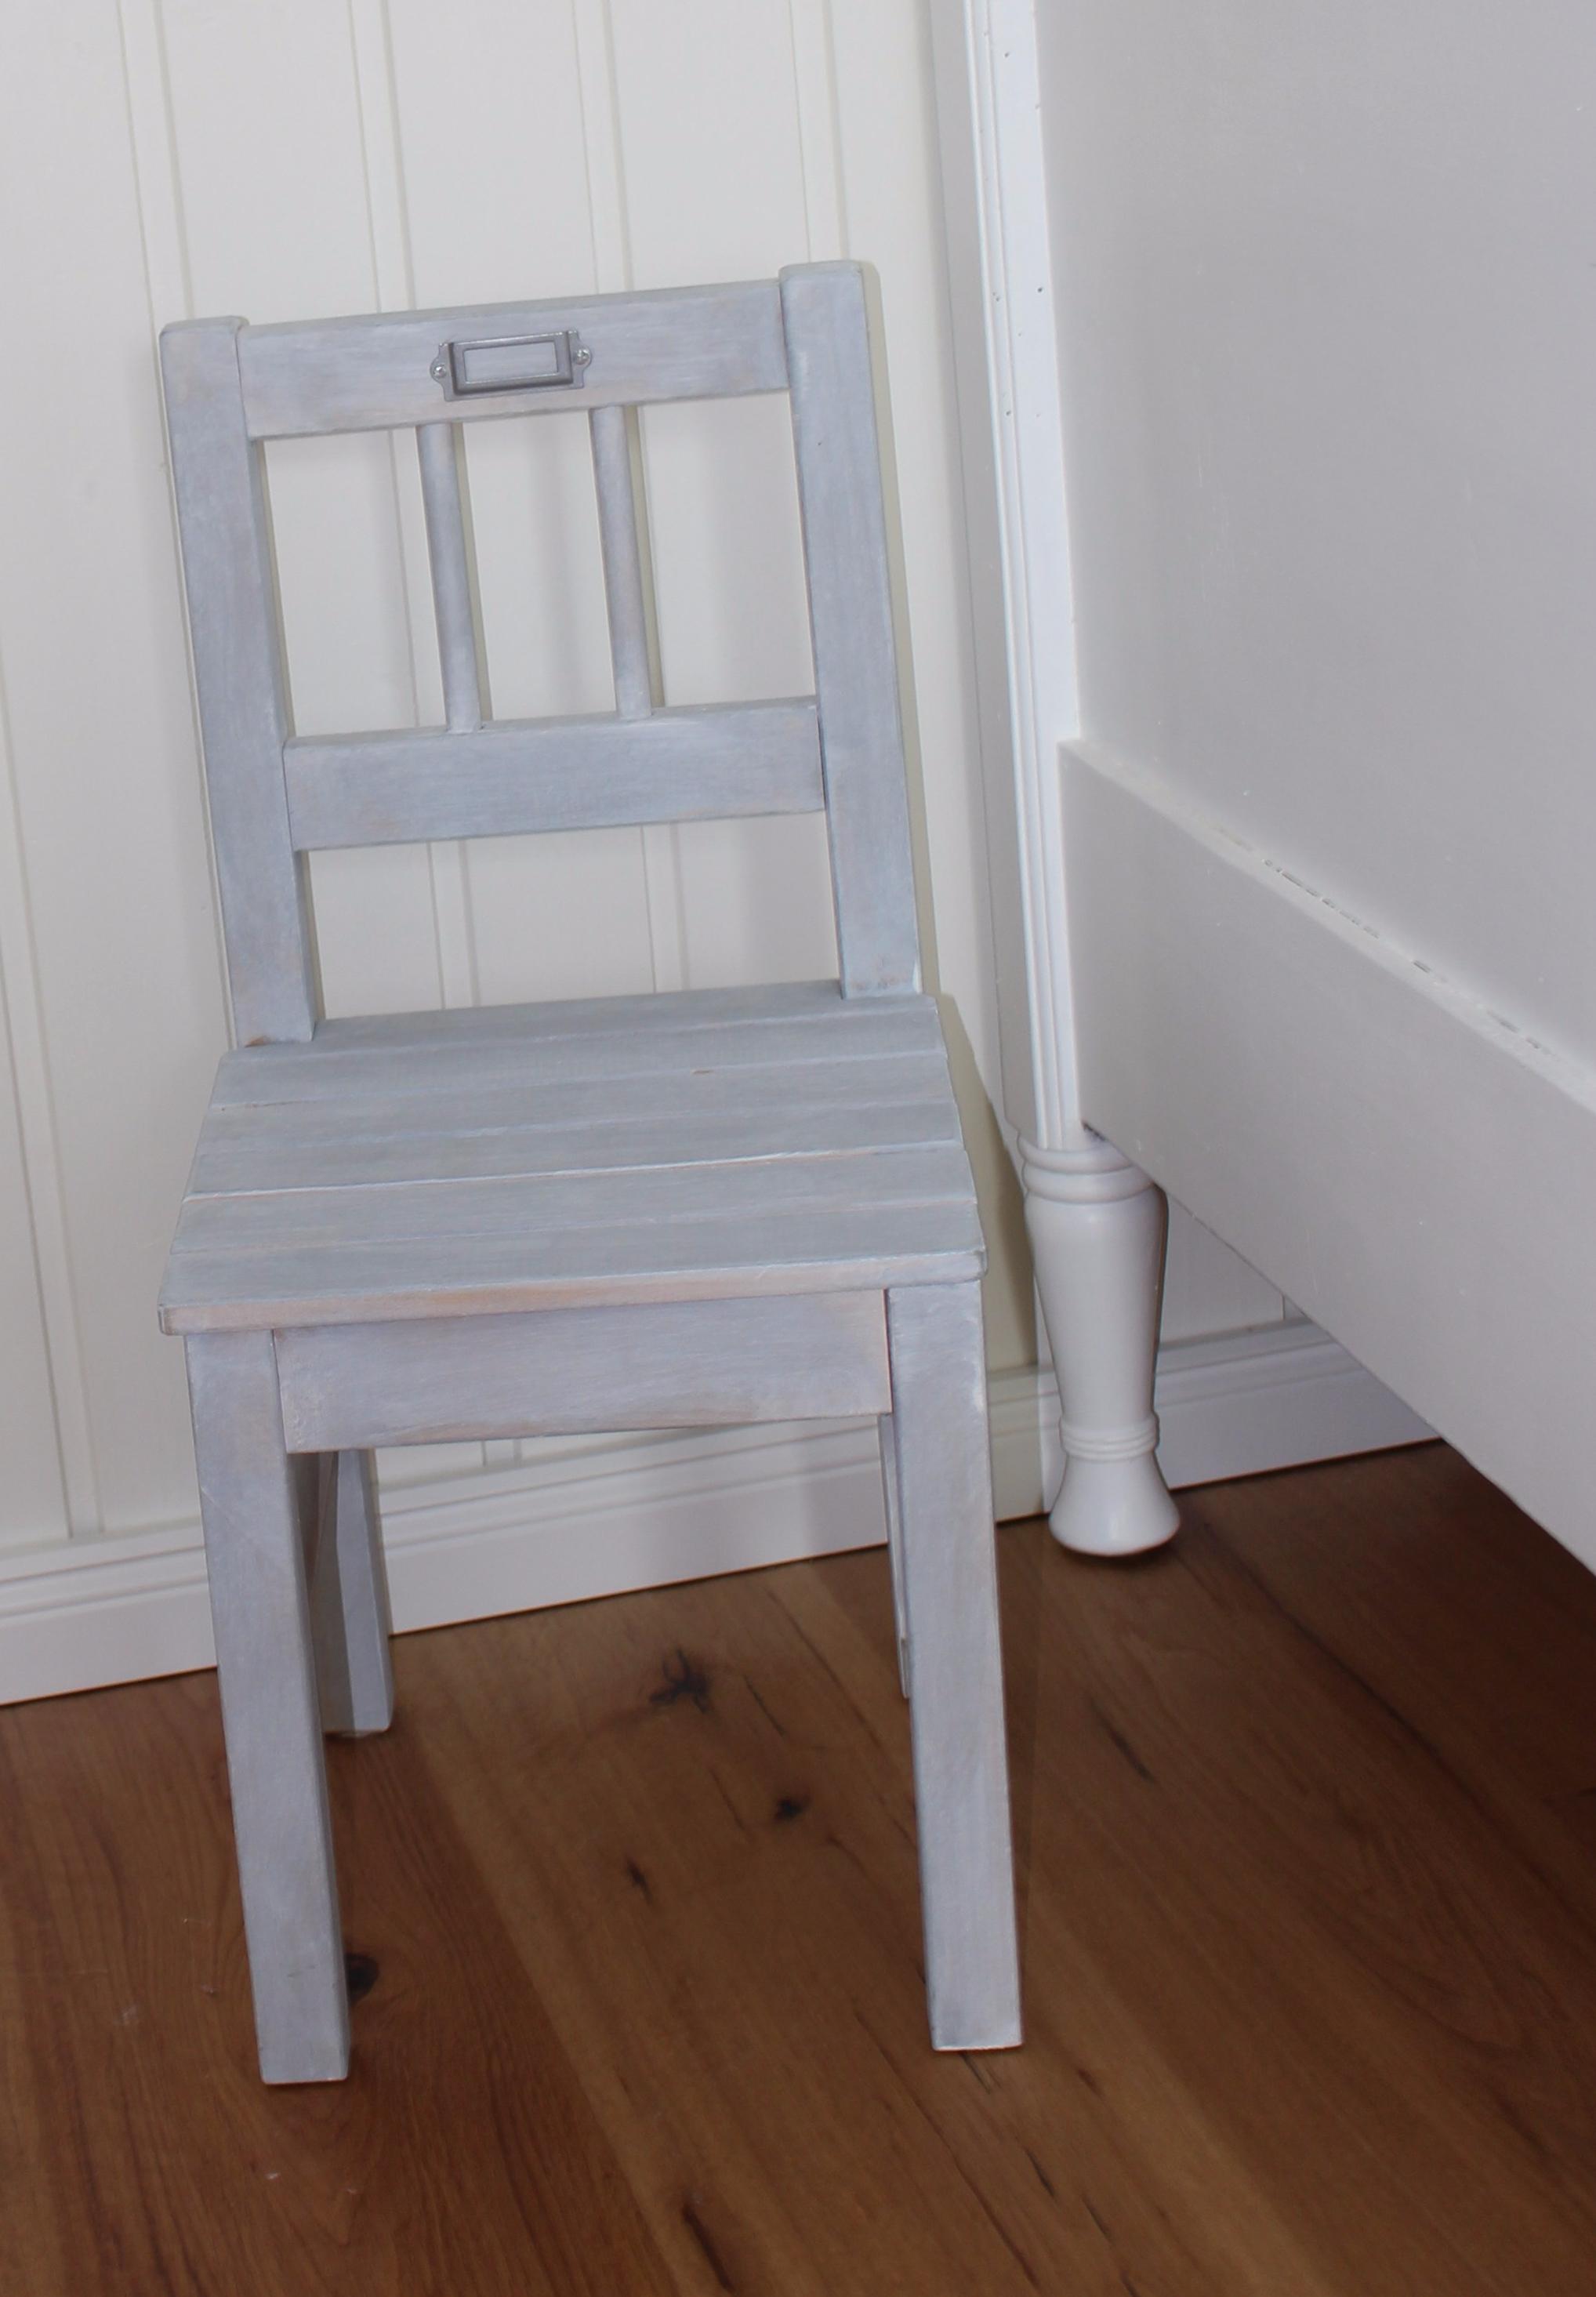 kopfteil mit ablage selber bauen finest bild bett regal. Black Bedroom Furniture Sets. Home Design Ideas